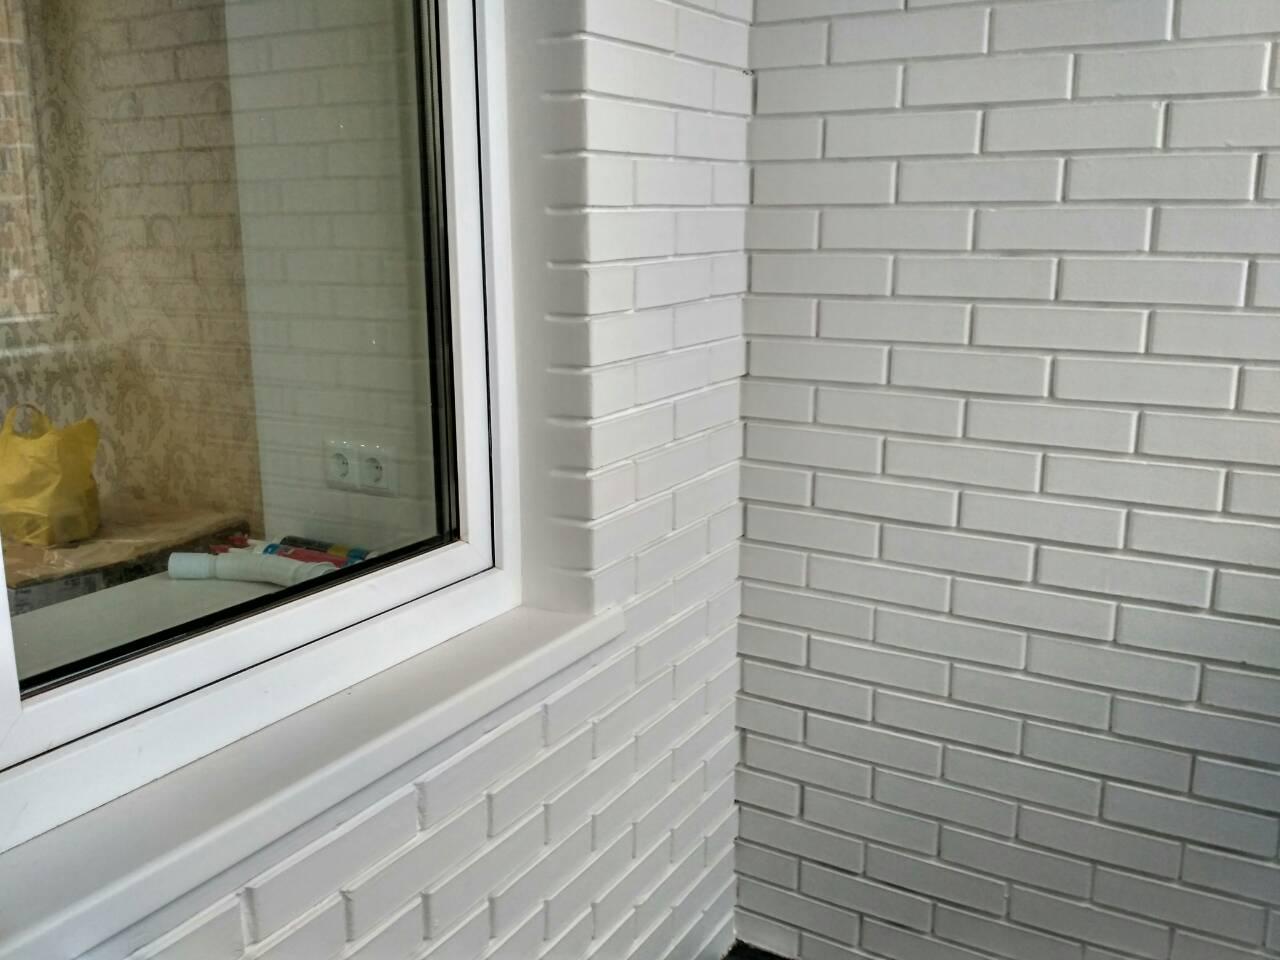 Обшивка балкона на Миначева, г. Чебоксары